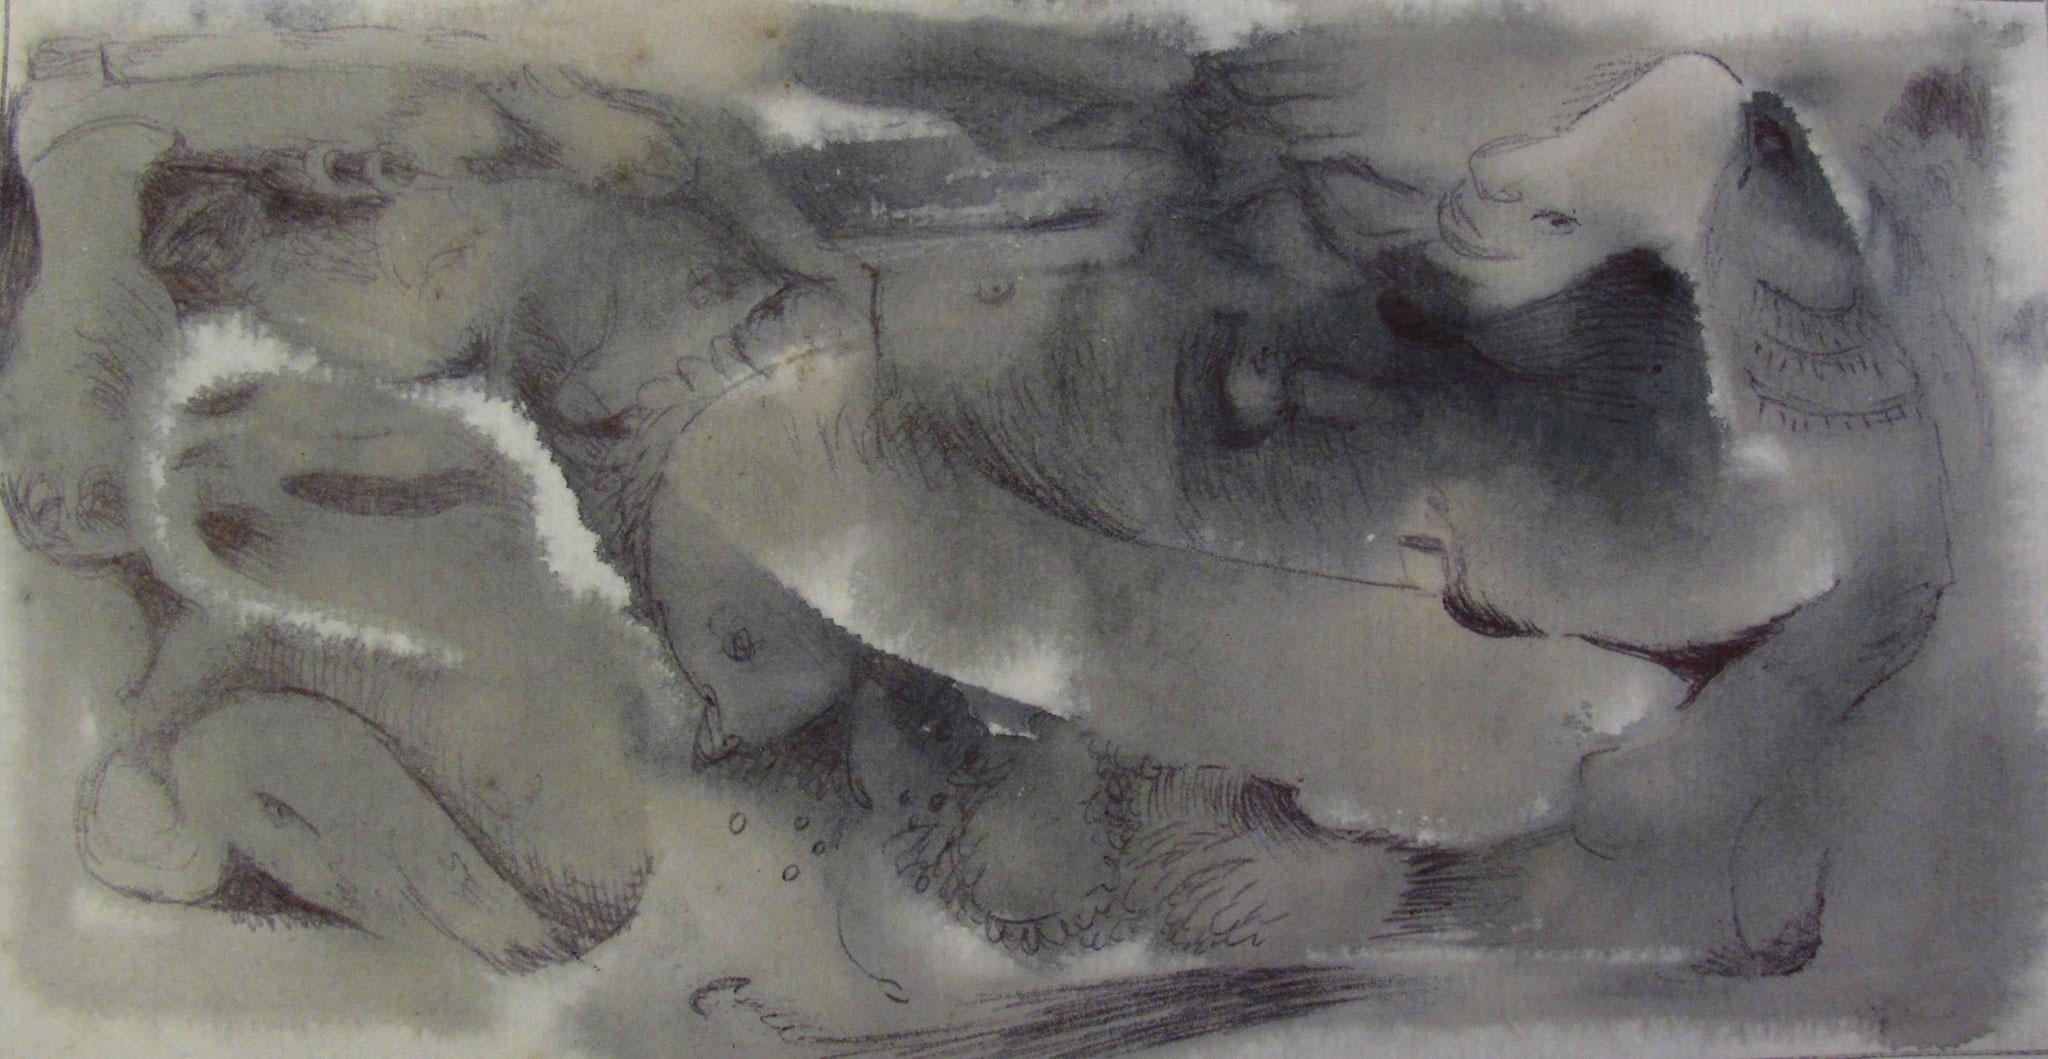 Hasta B. 1 (format 8x16 cm - Encres, aquarelles et rehauts de bic ou/et mine de plomb sur carnet de papier calligraphie très fin - 2006)